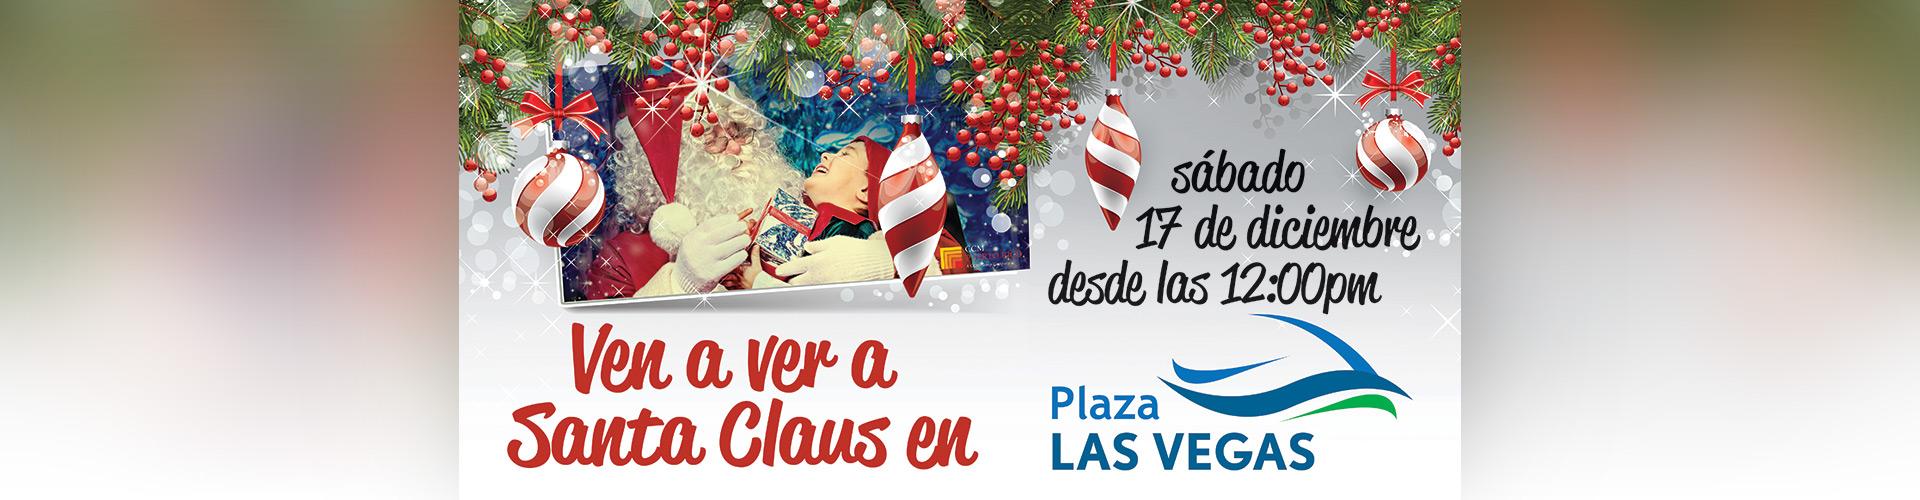 plaza-las-vegas-12-2016-1-slide